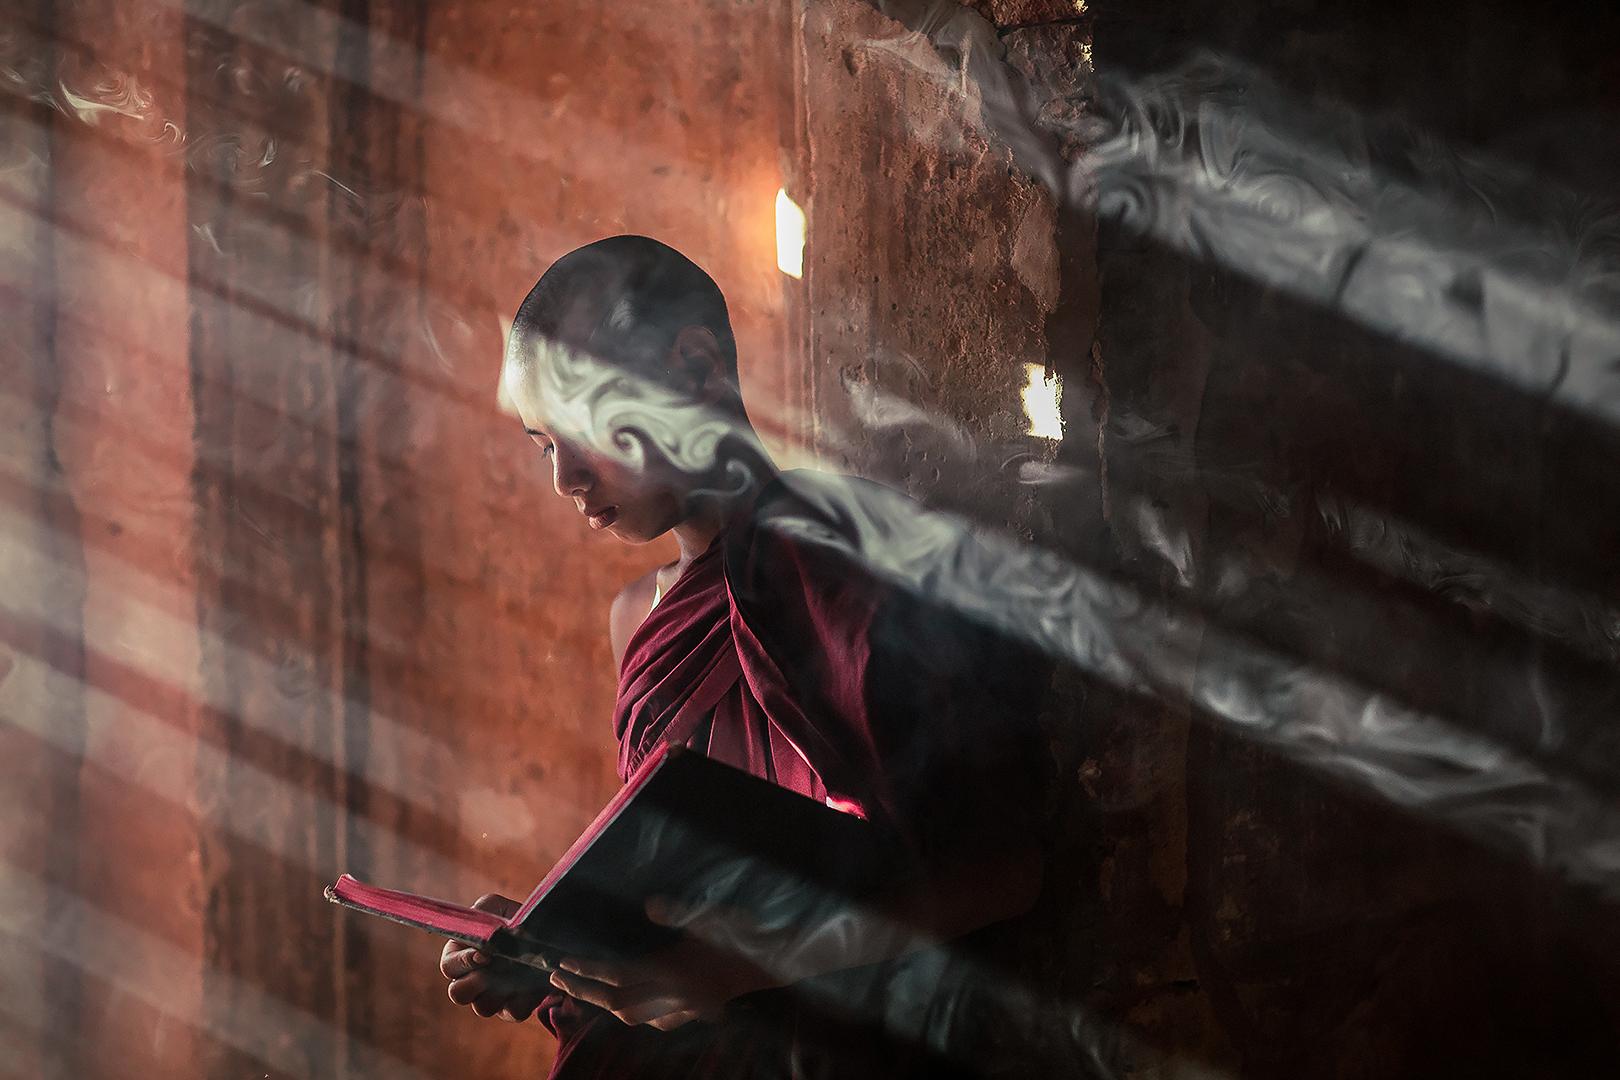 Млад монах - Баган, Мианмар от Dimitar Karanikolov - karanikolov